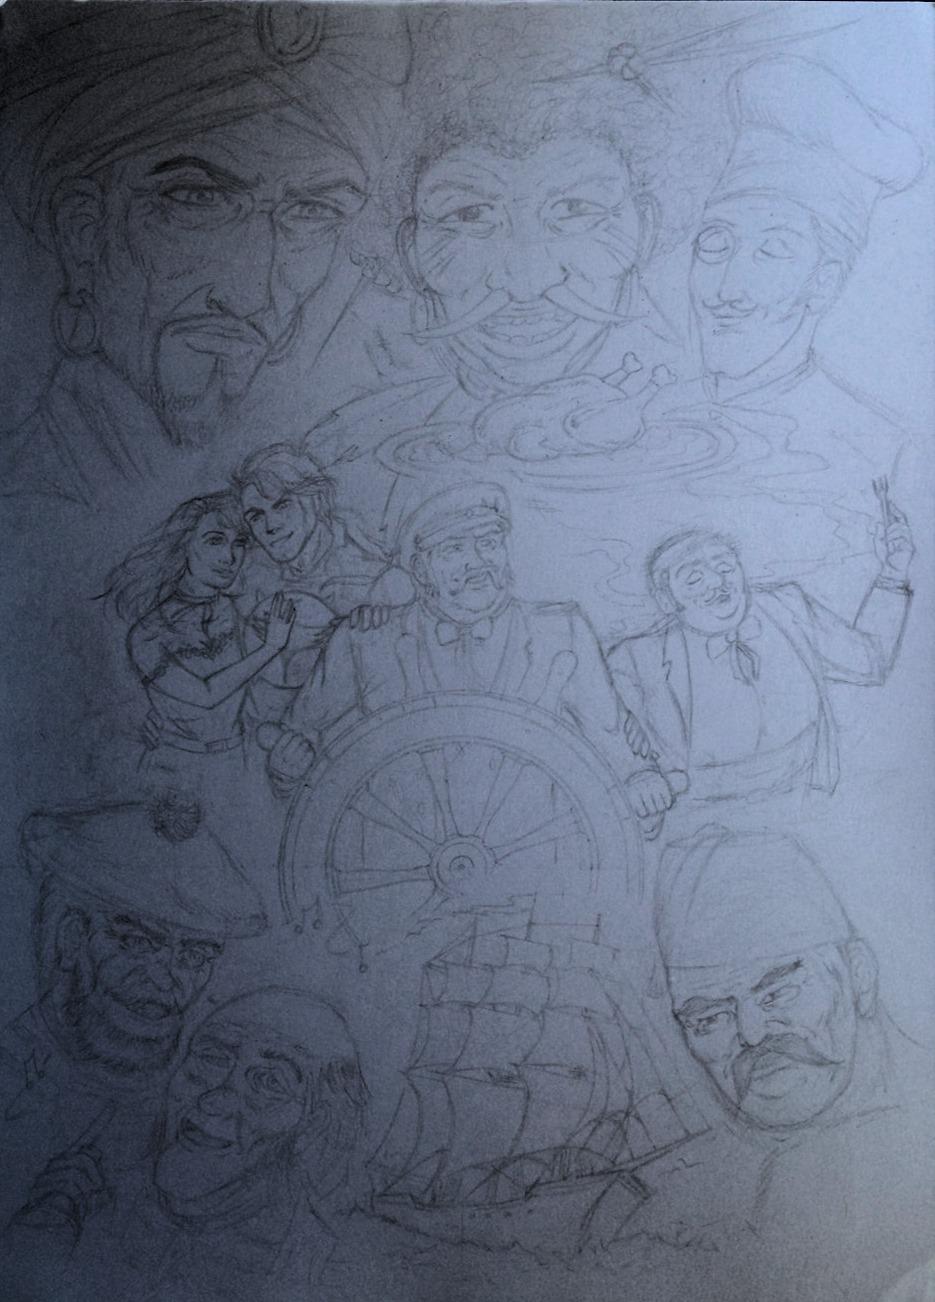 I nostri disegni personali - Pagina 11 Img_3210